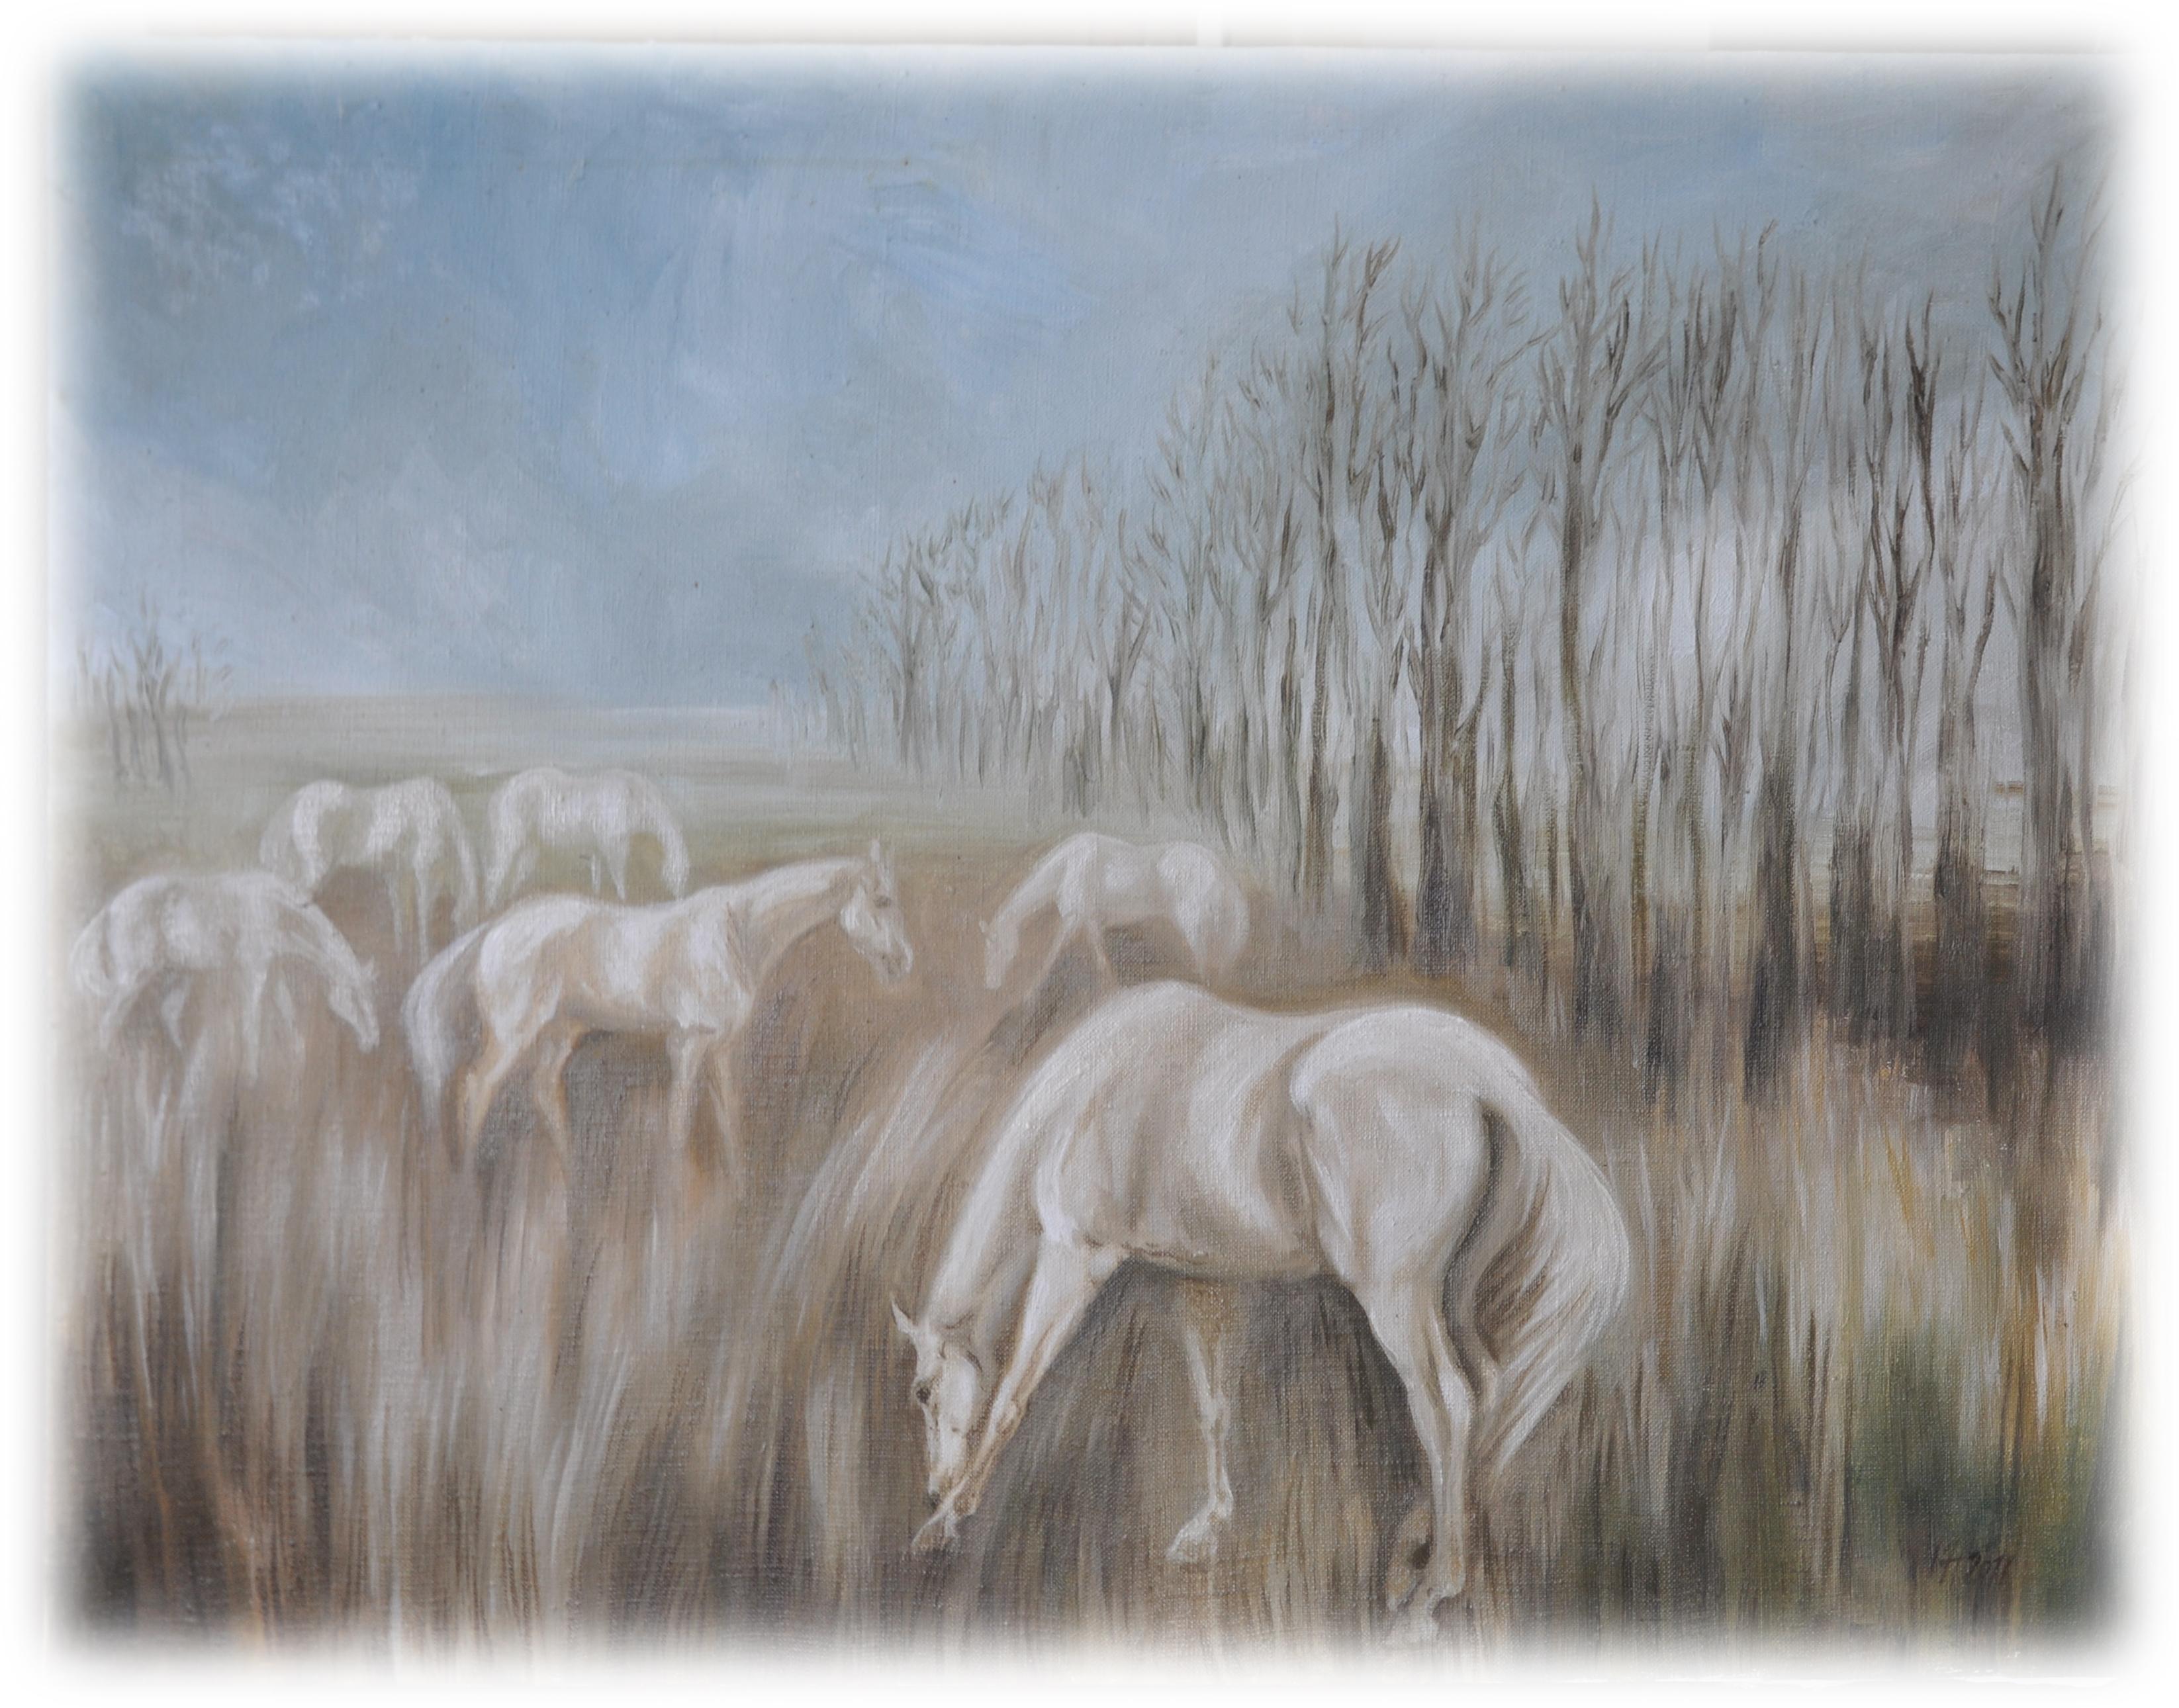 bílí koně na pastvině